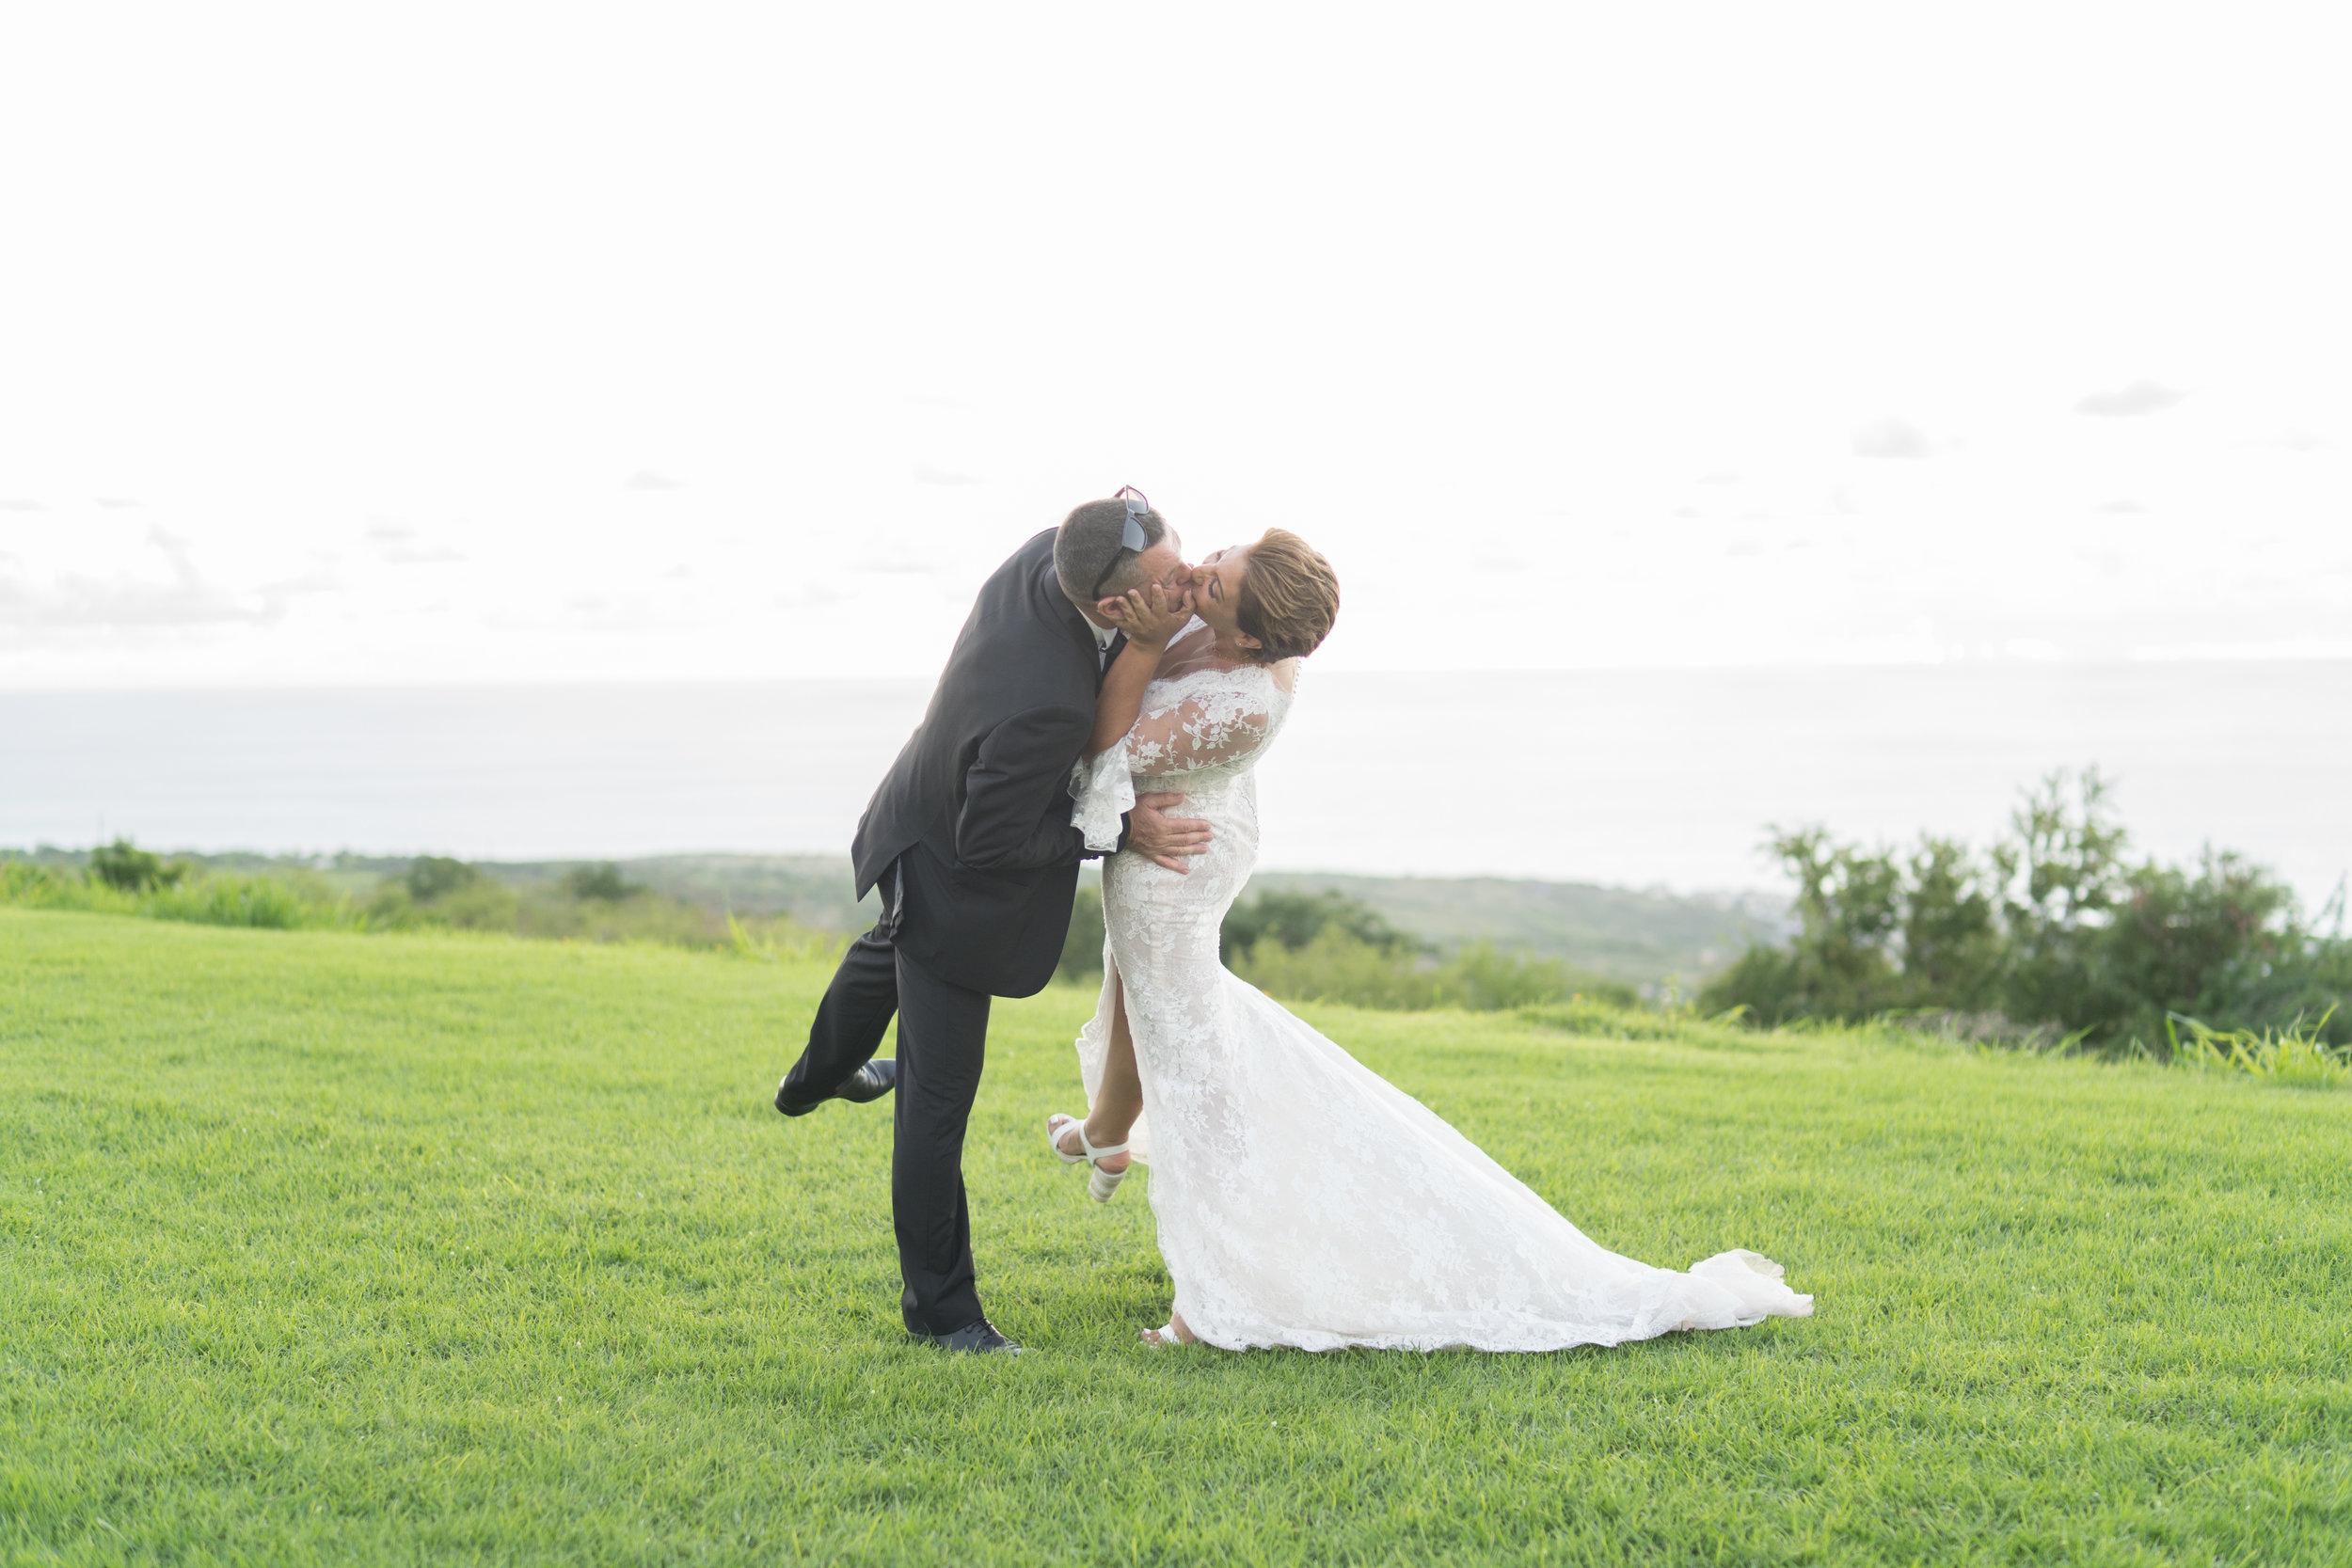 MRevenement organisation de mariage à la Réunion _ Mariage de B et JC (6).jpg